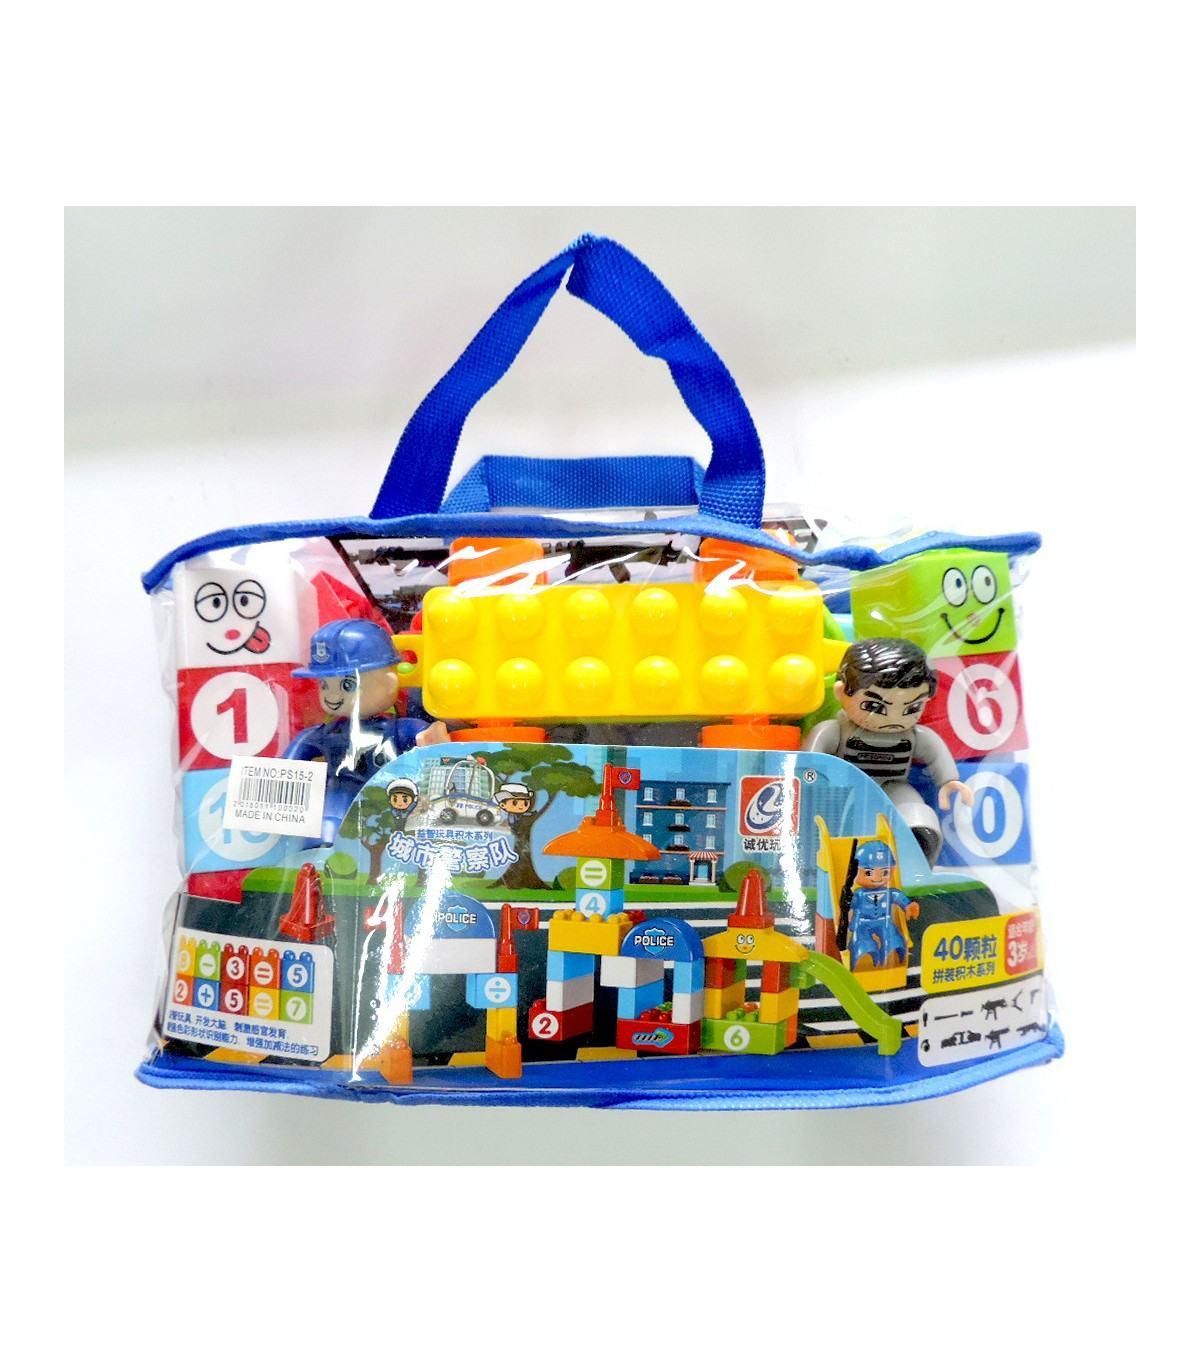 Фотография 1 товарной позиции интернет-магазина детских игрушек www.smarttoys.com.ua Дитячі конструктори Поліція (Police) 40 шт PS15-2